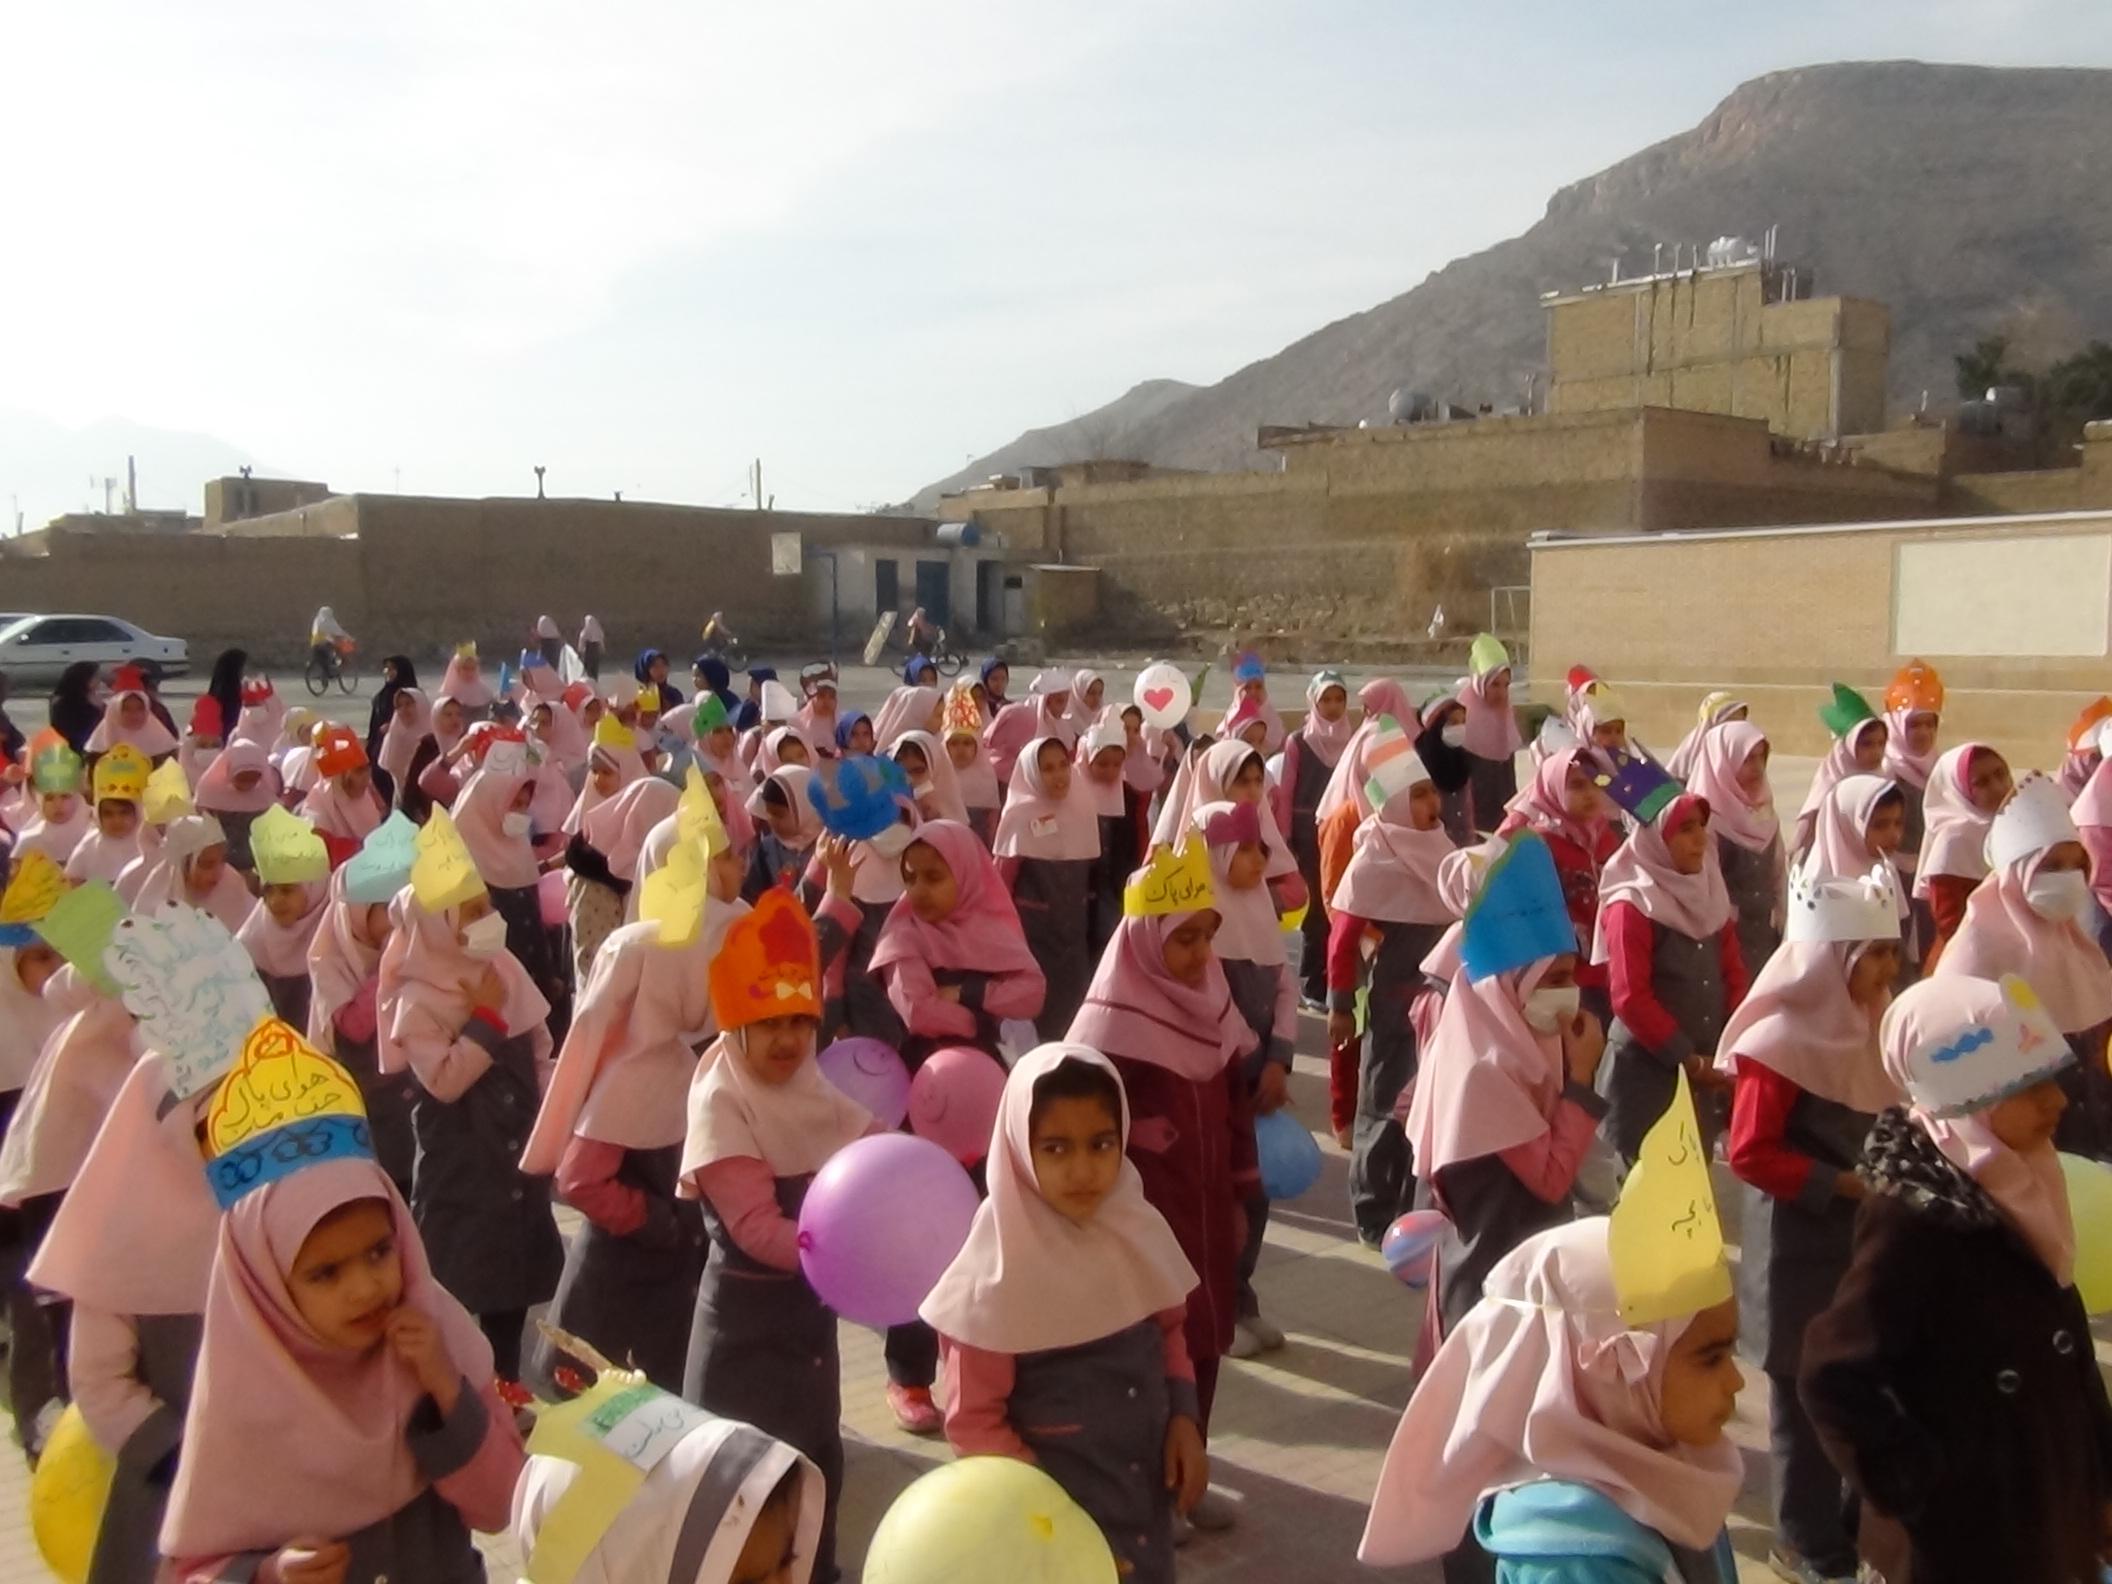 اجراي برنامه هاي آموزشي و فرهنگي به مناسبت روز جهاني زمين در شهرستان فلاورجان